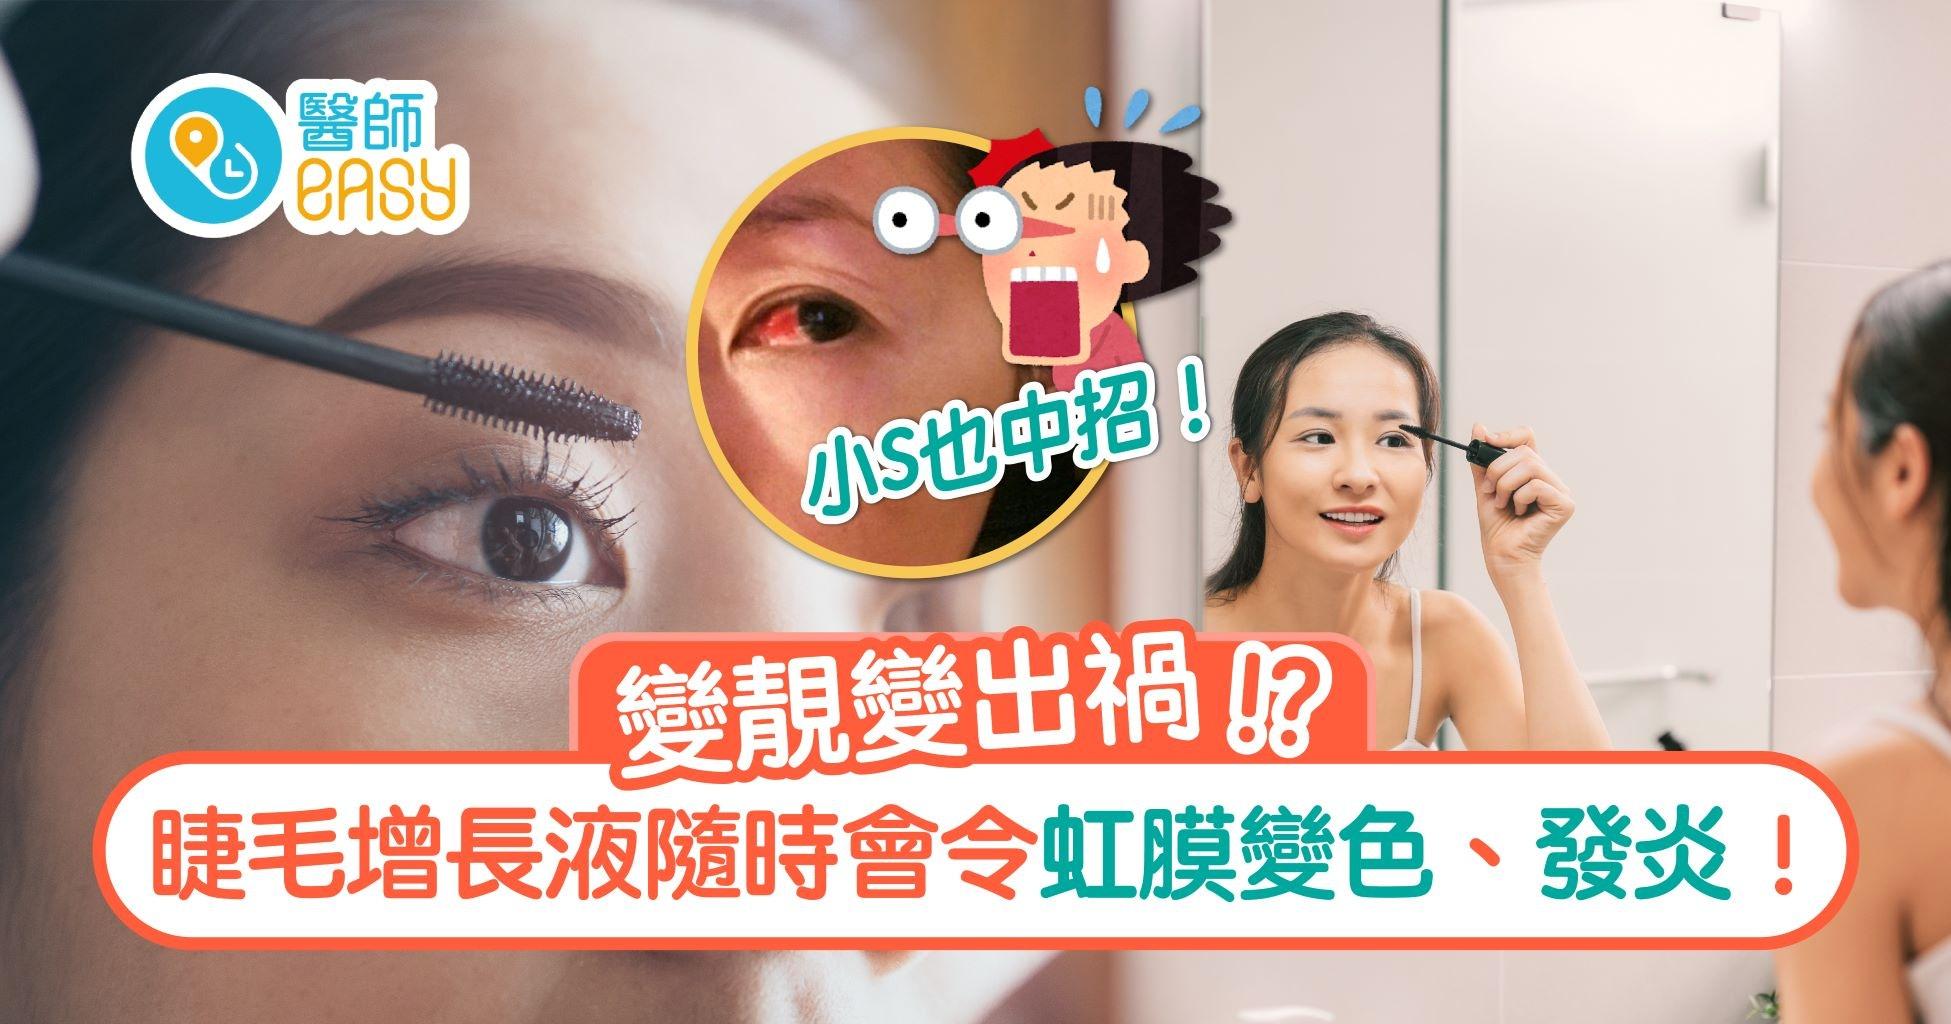 睫毛增長液|一搽即可變得豐厚濃密? 眼科醫生淺談睫毛保養要點